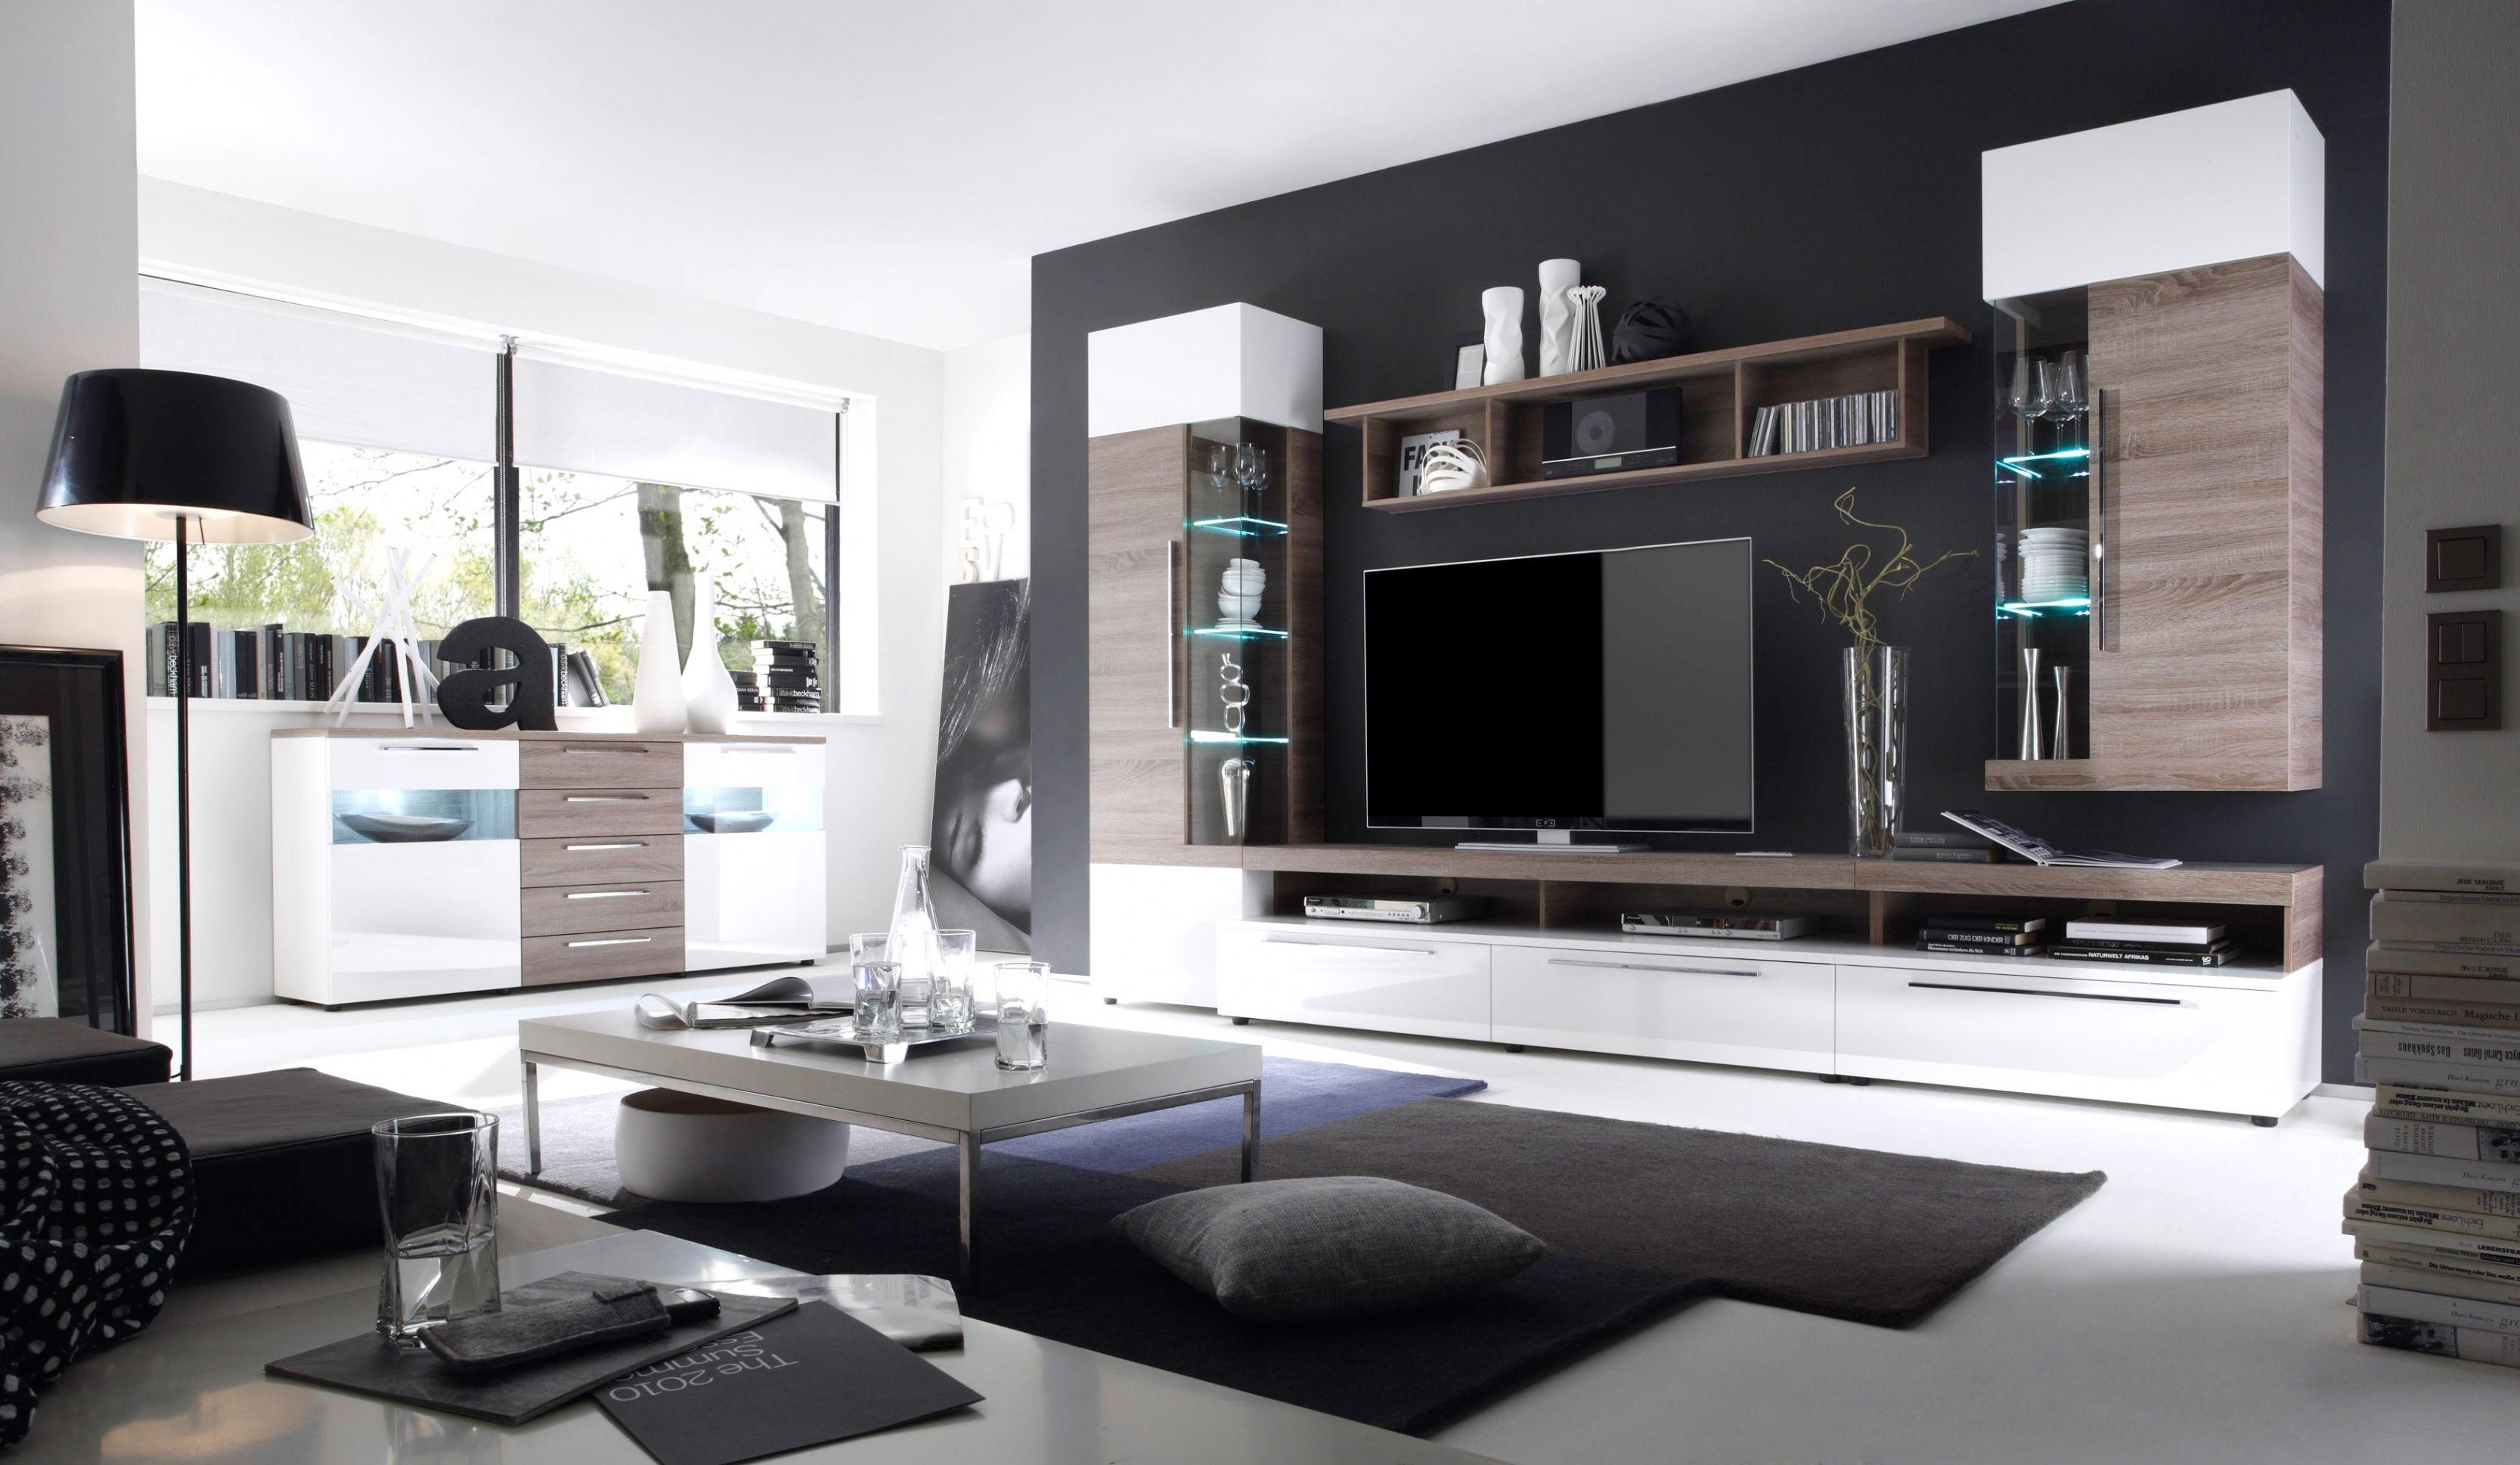 Schon Wohnzimmer Einrichtung Modern Wohnzimmer Ideen Pinterest